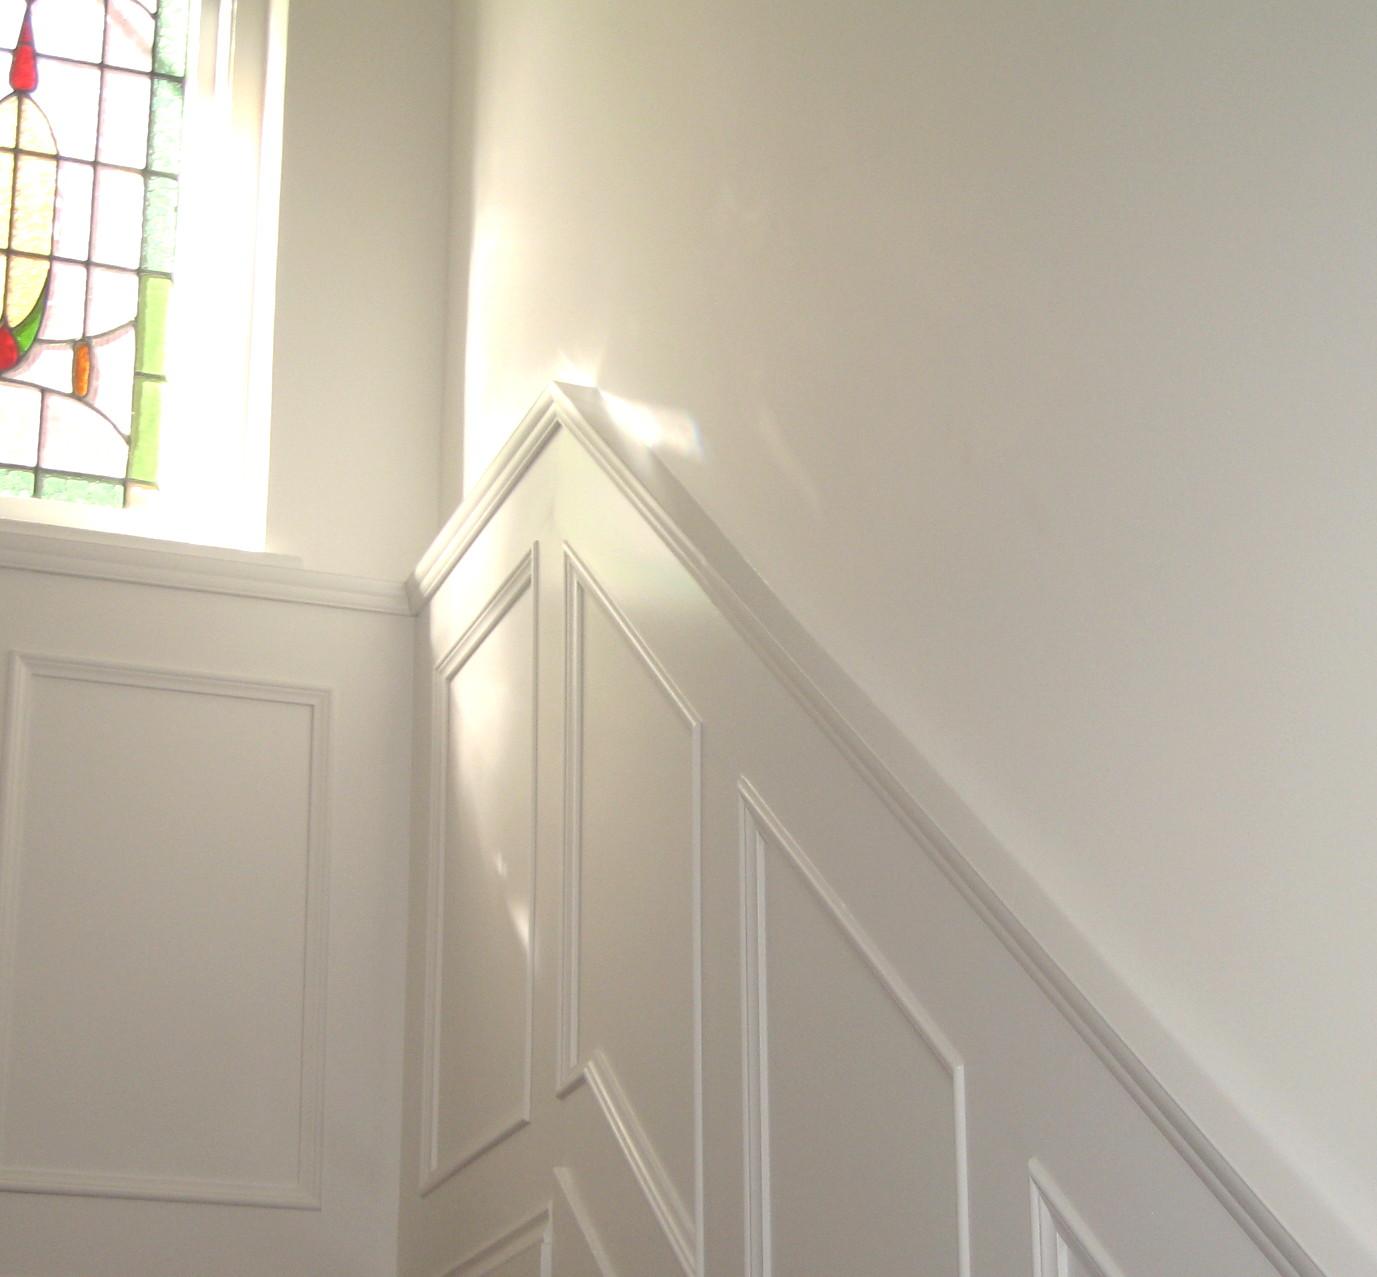 Стеновые панели в коридоре в интерьере дома